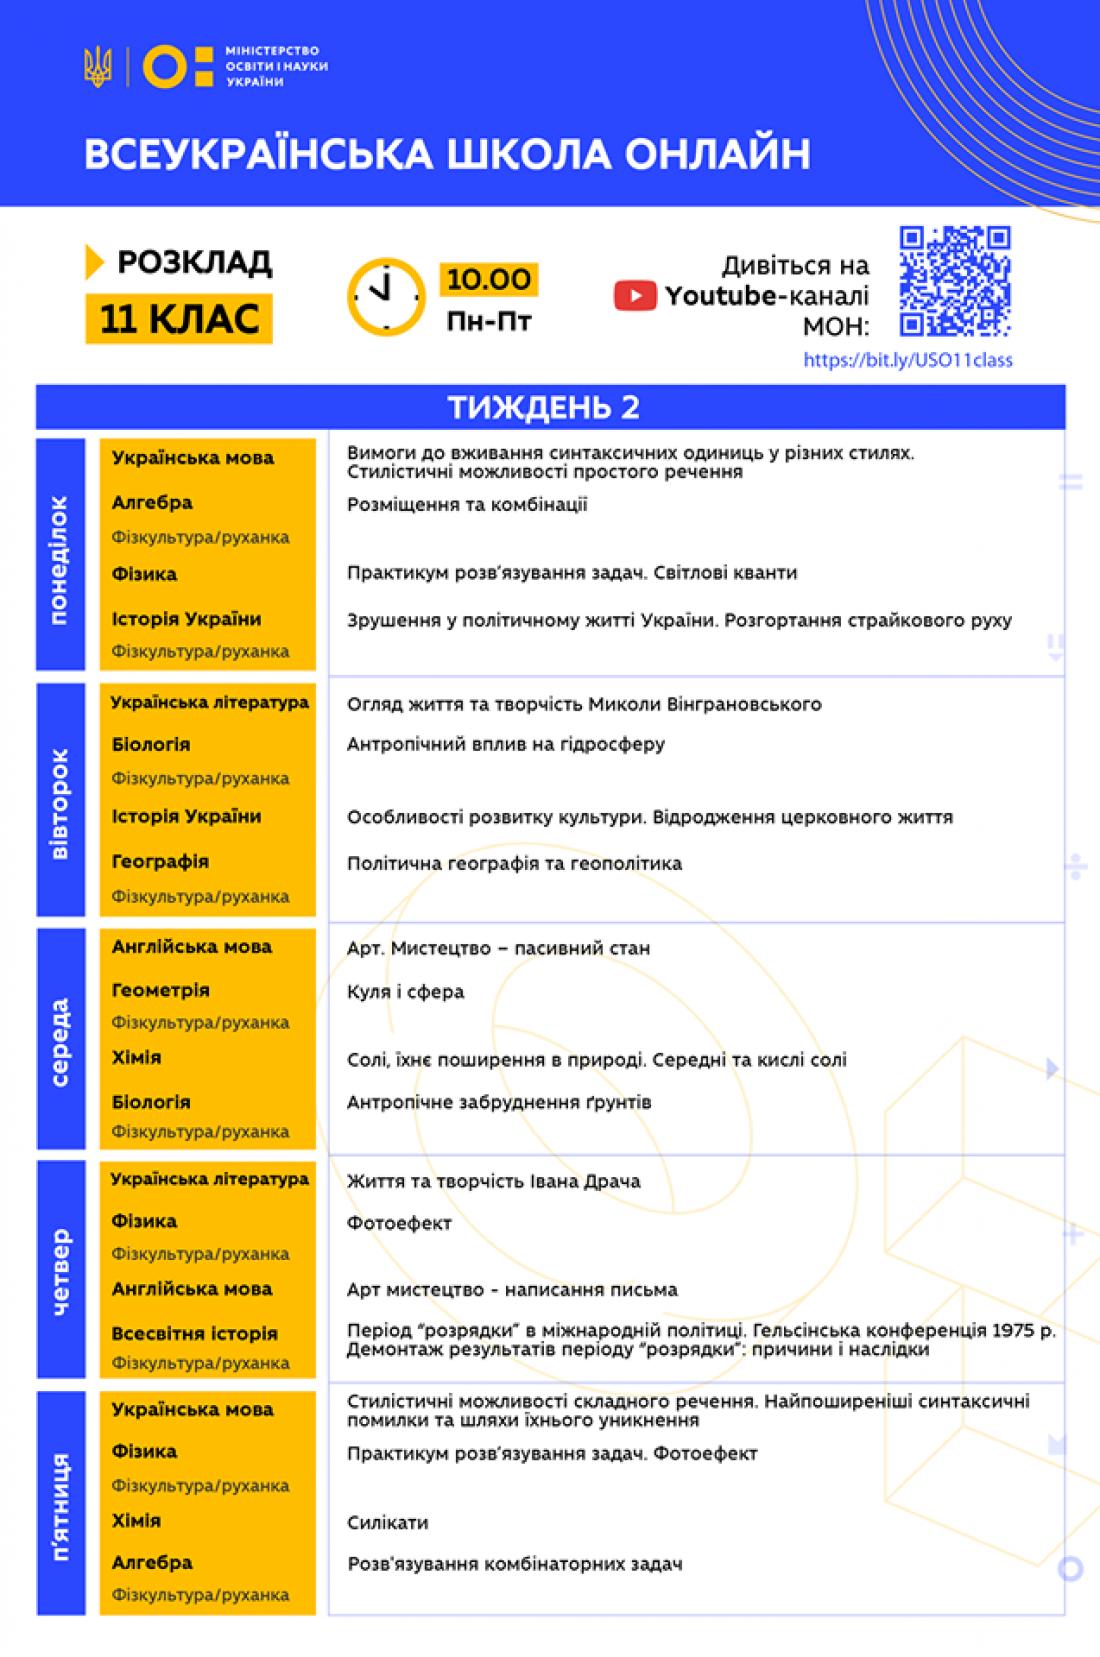 Всеукраинская школа онлайн: Расписание для 11 класса